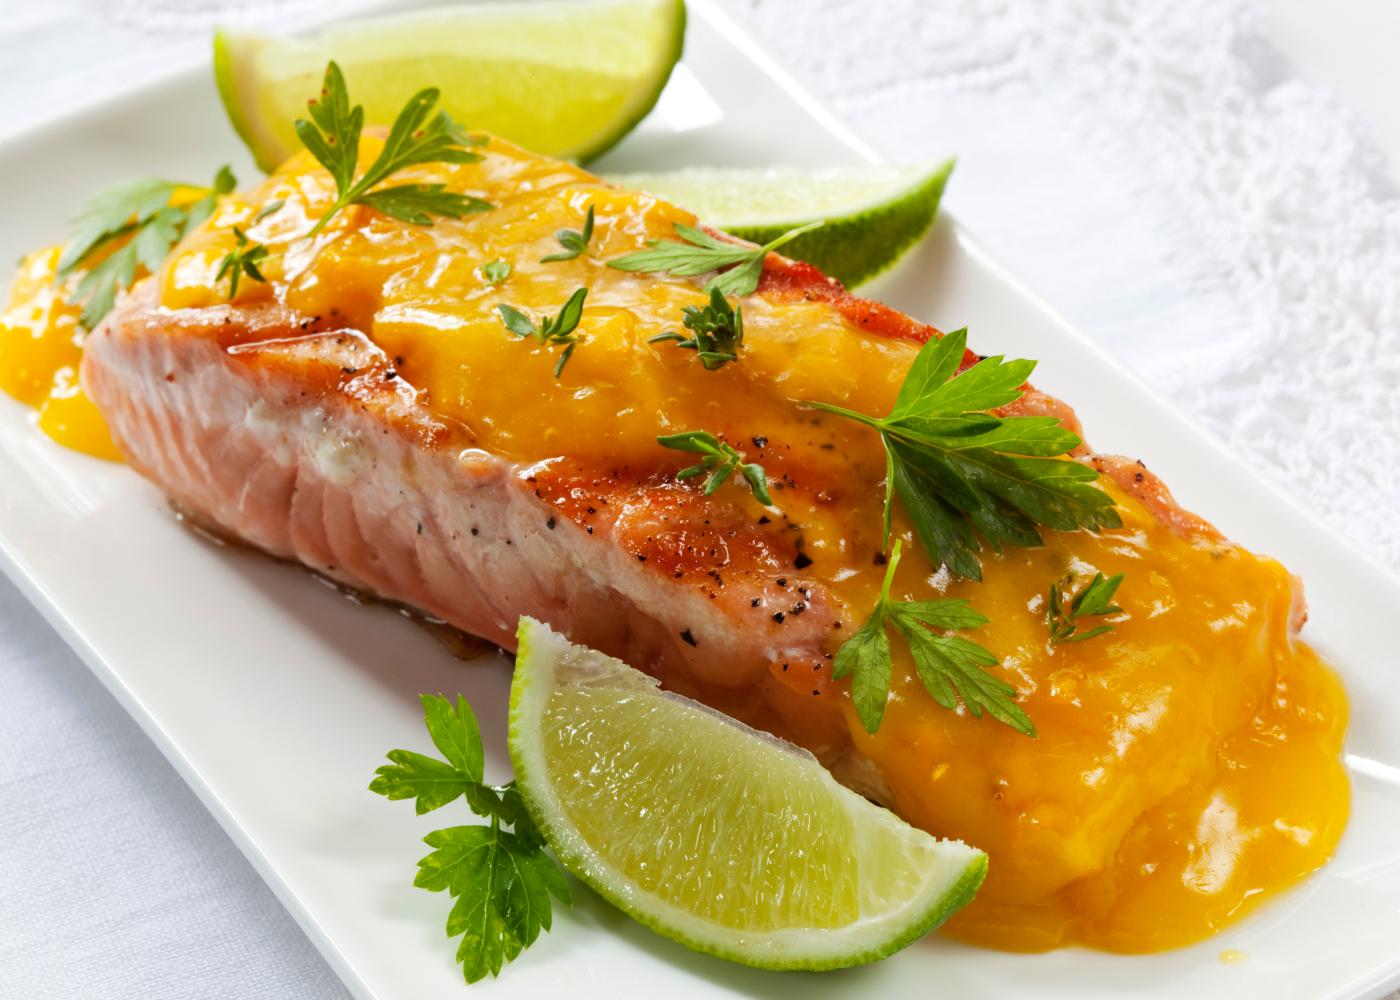 salmao grelhado: 5 receitas faceis para refeicoes rapidas